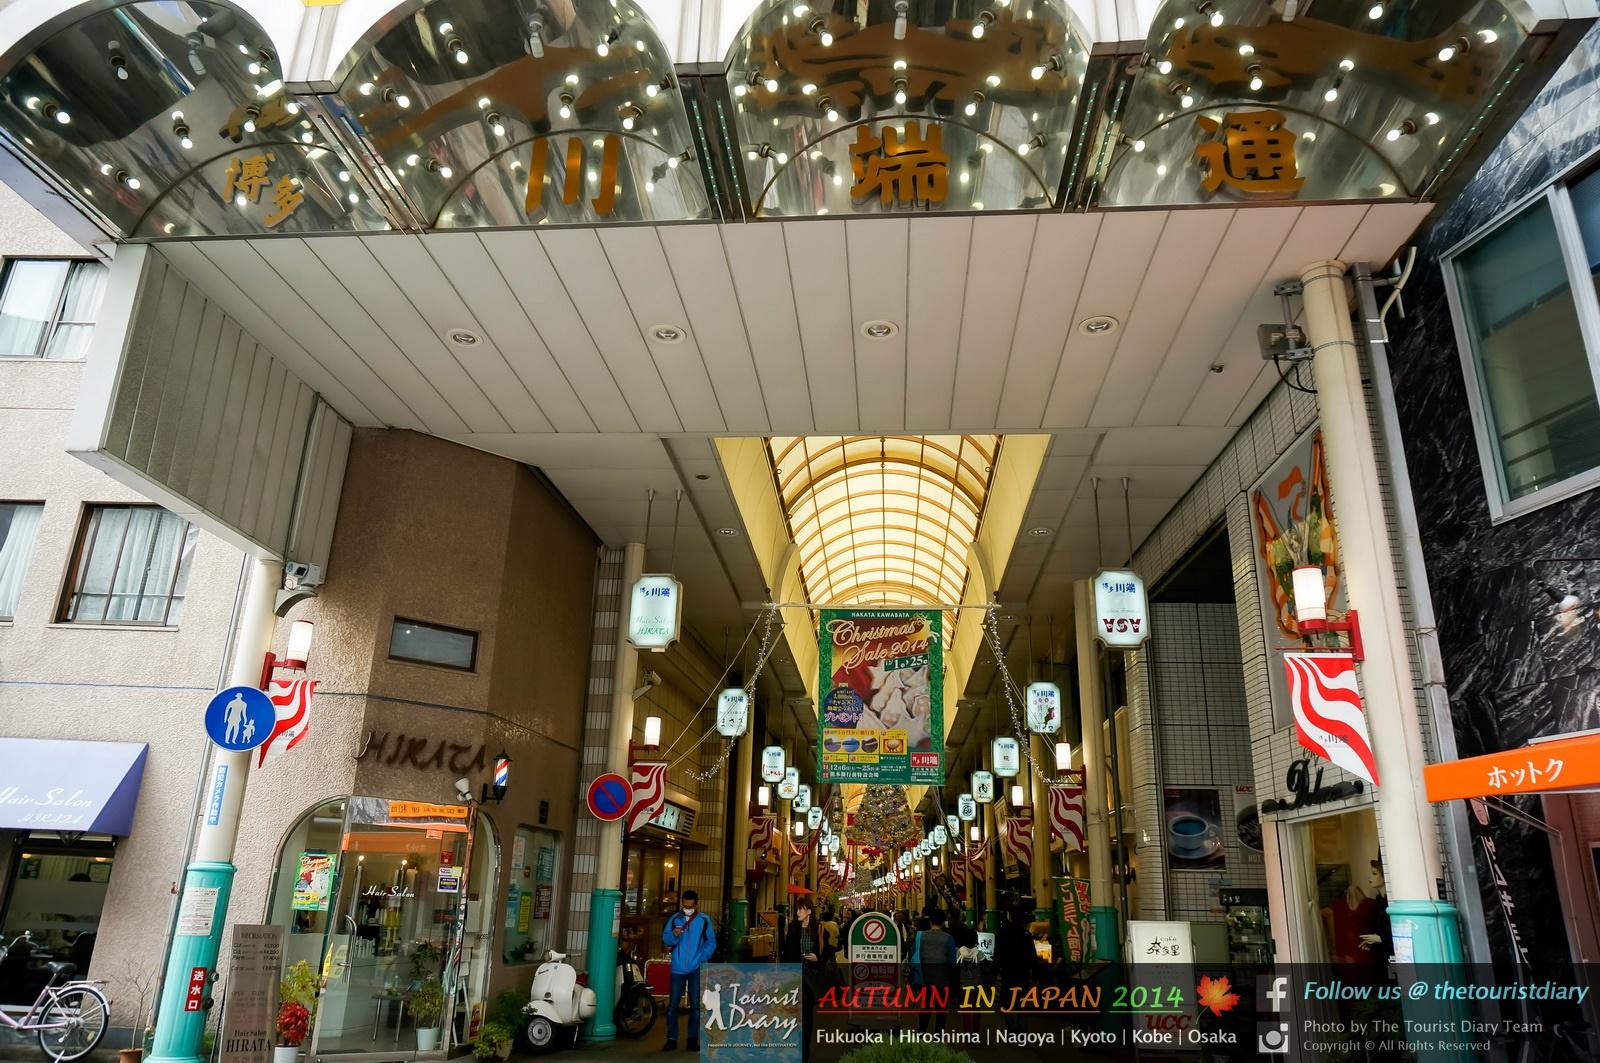 Fukuoka | Nakasu Kawabata ถนนช้อปปิ้ง & Yatai แผงขายอาหารกลางคืน